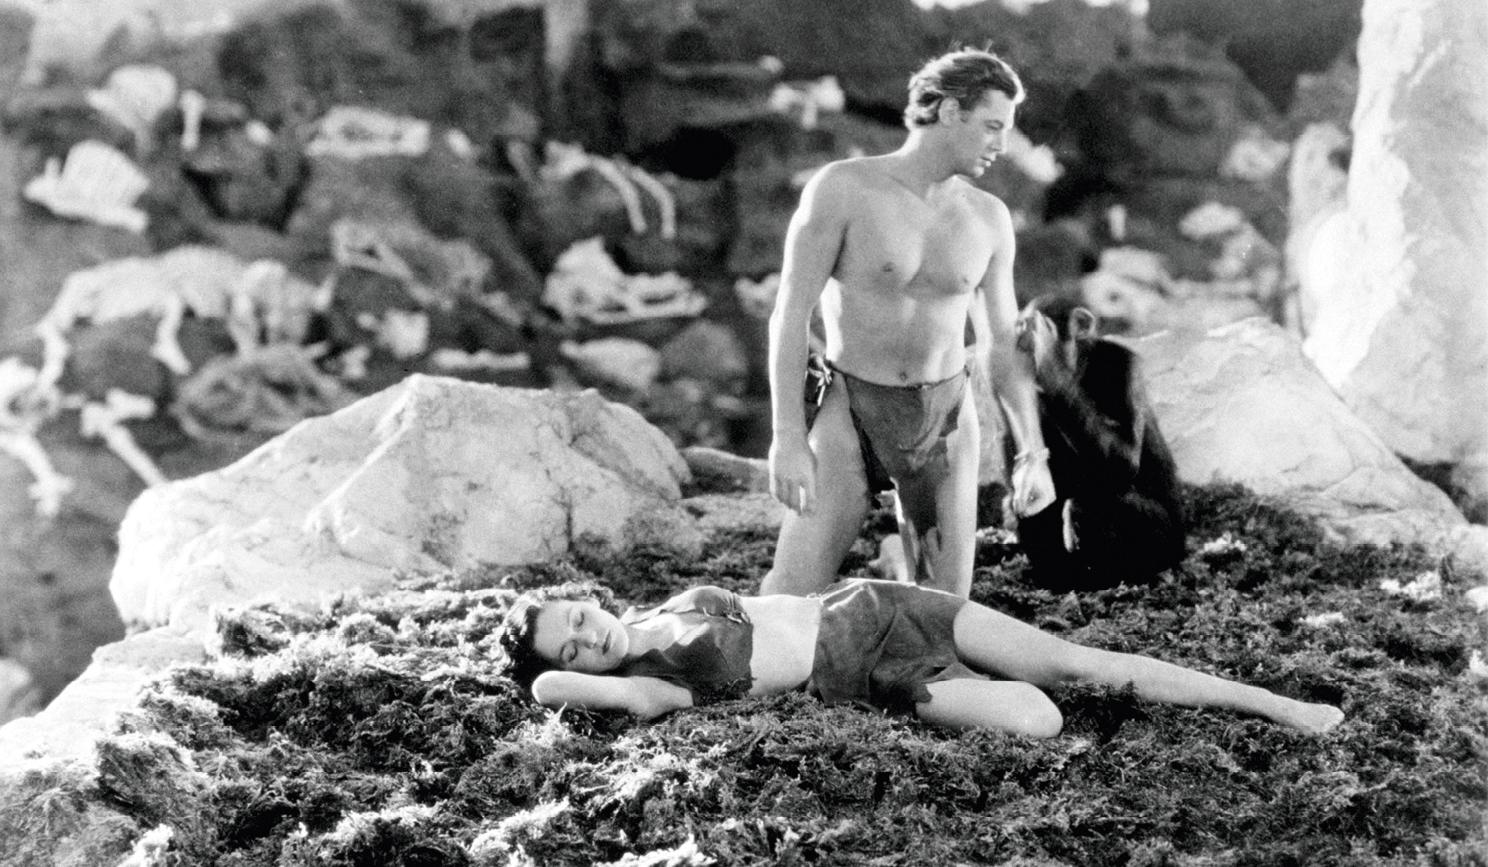 Johnny Weissmuller et Maureen O'Sullivan dans le film Tarzan et sa compagne, réalisé par Cedric Gibbons et Jack Conway, 1934.